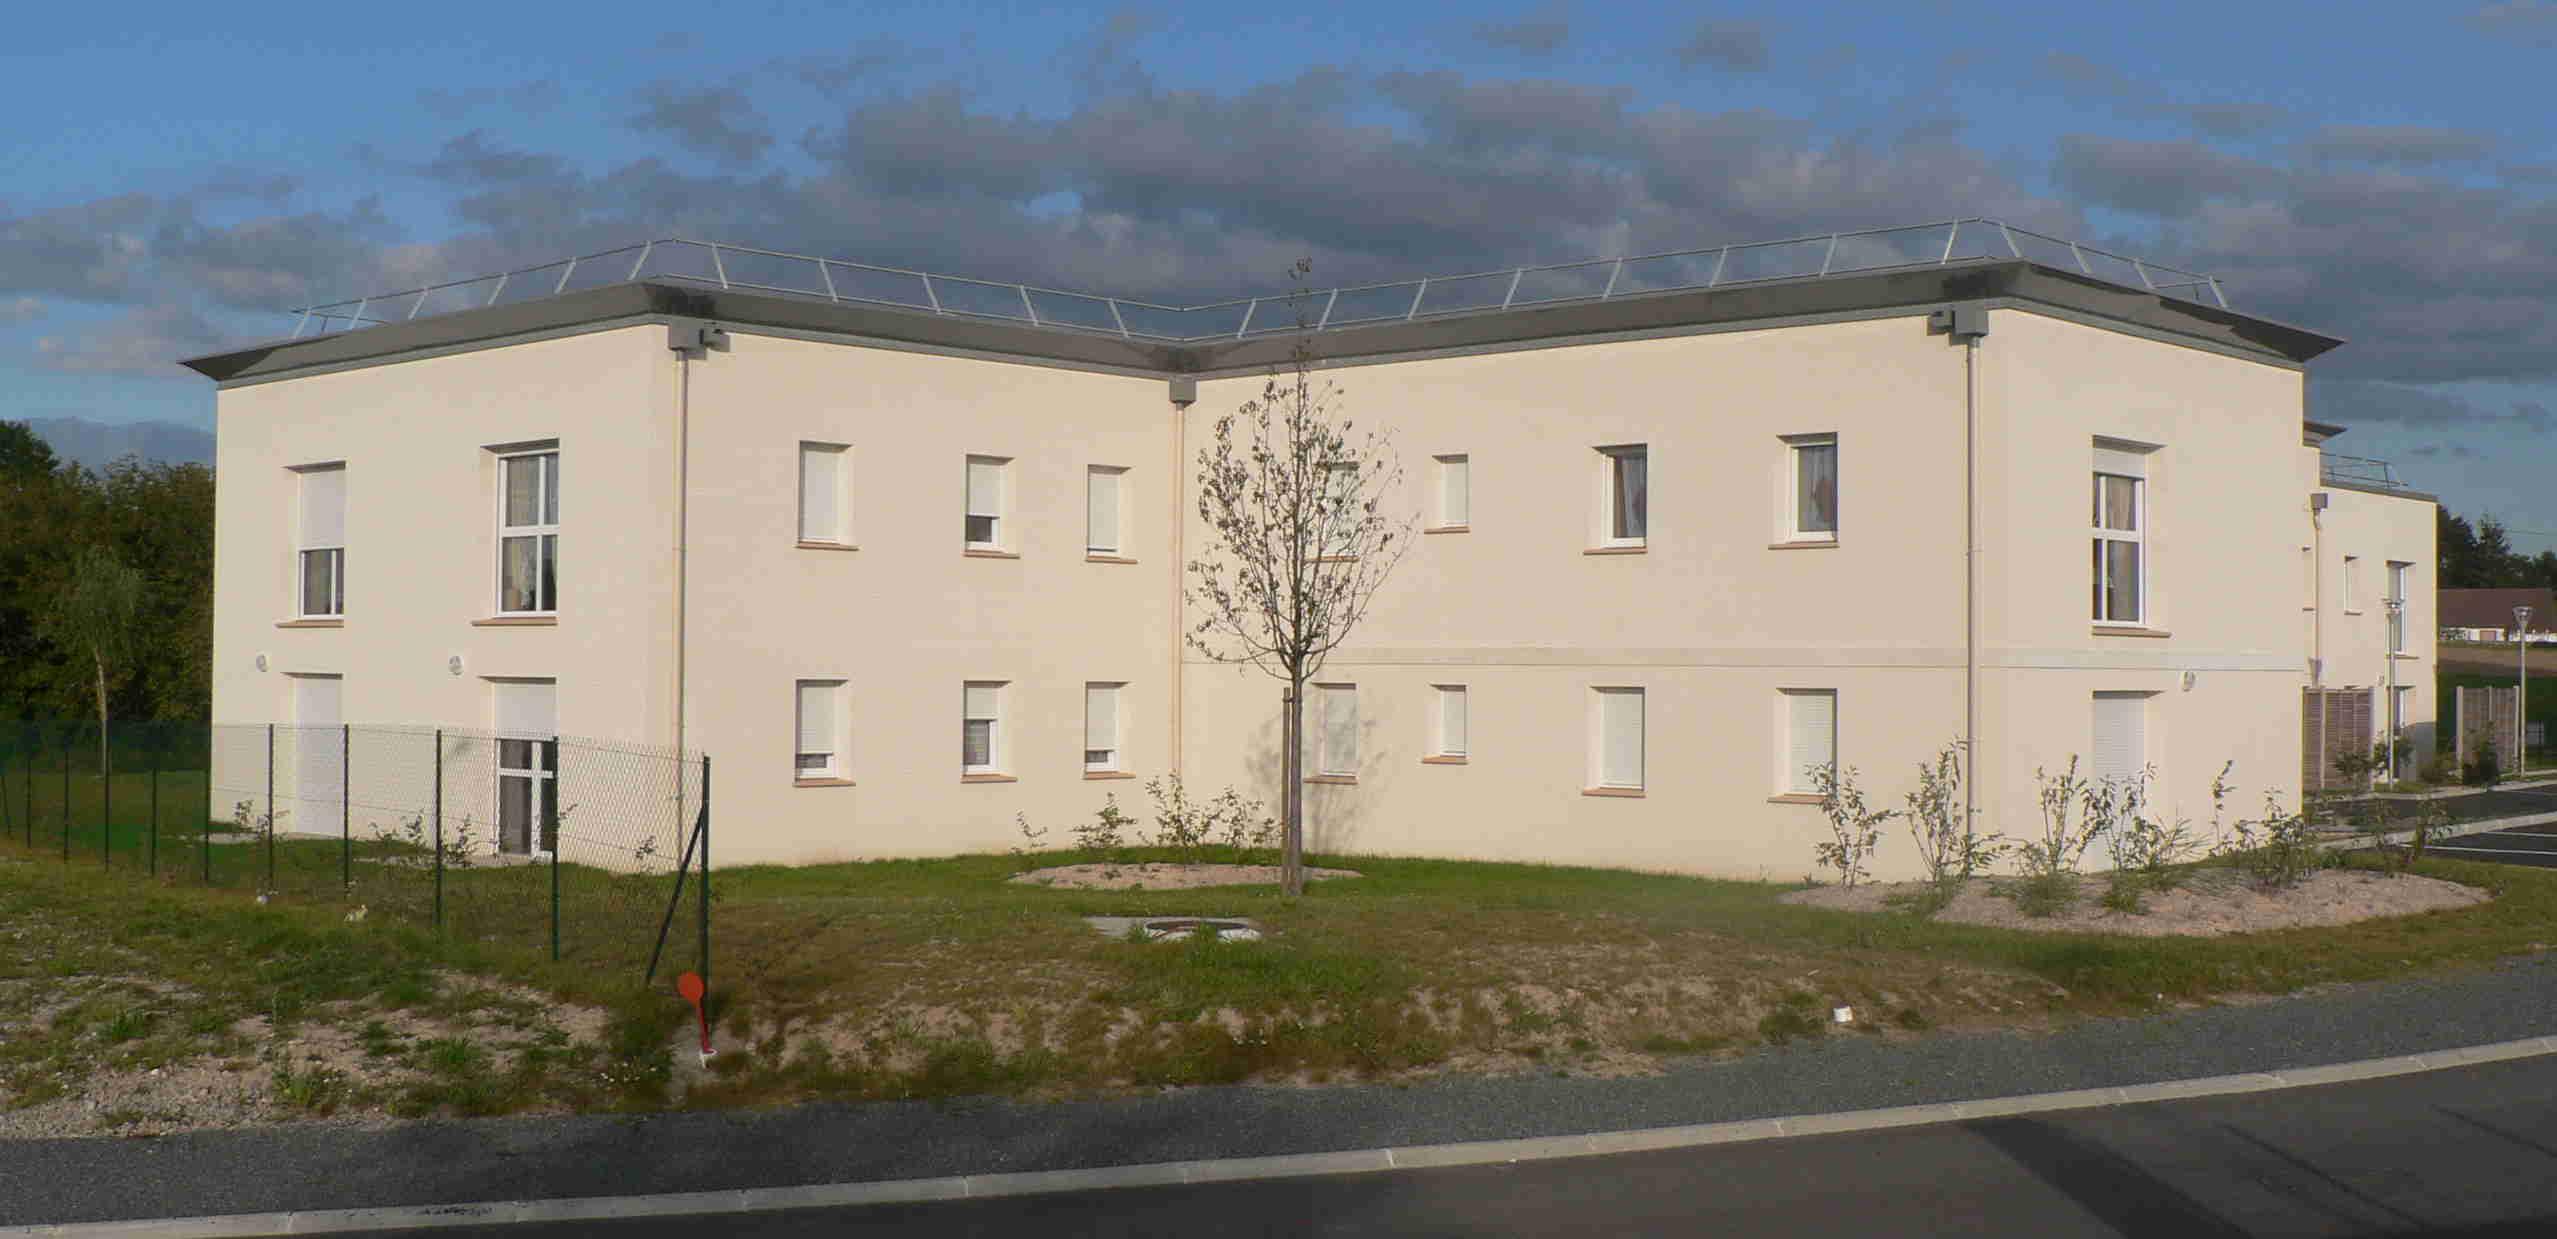 : En 2014, une résidence de 20 logements accessibles aux personnes à mobilité réduite a ouvert ses portes à La Souterraine grâce à un partenariat entre l'association Ti'hameau et Creusalis.